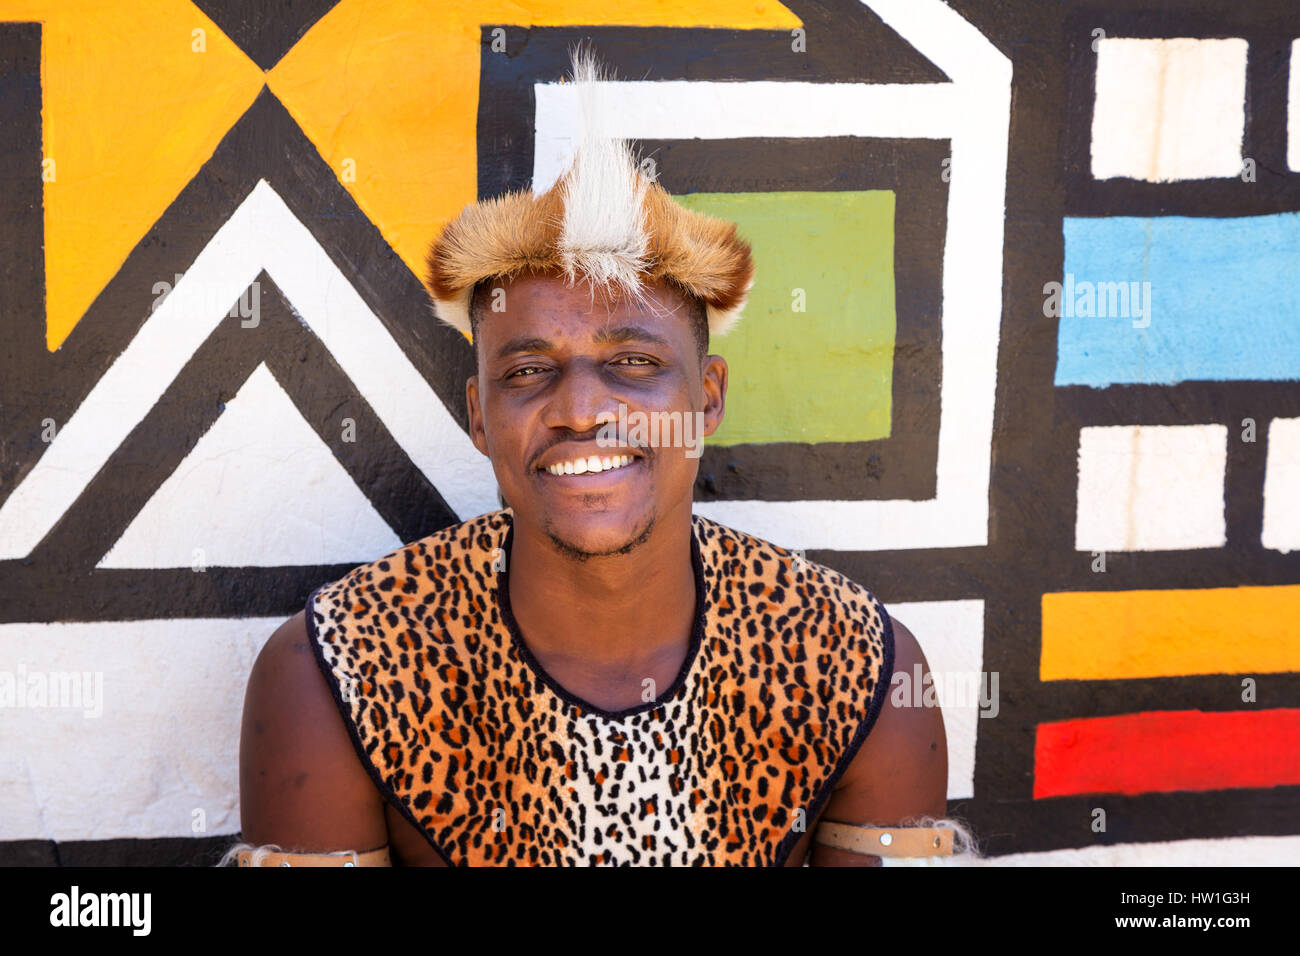 El Poblado Cultural de Lesedi, SUDÁFRICA - 4 de noviembre de 2016: Retrato de un guerrero Zulú vistiendo la piel de impala tocado. Zulu es una de las cinco tribus principales Foto de stock